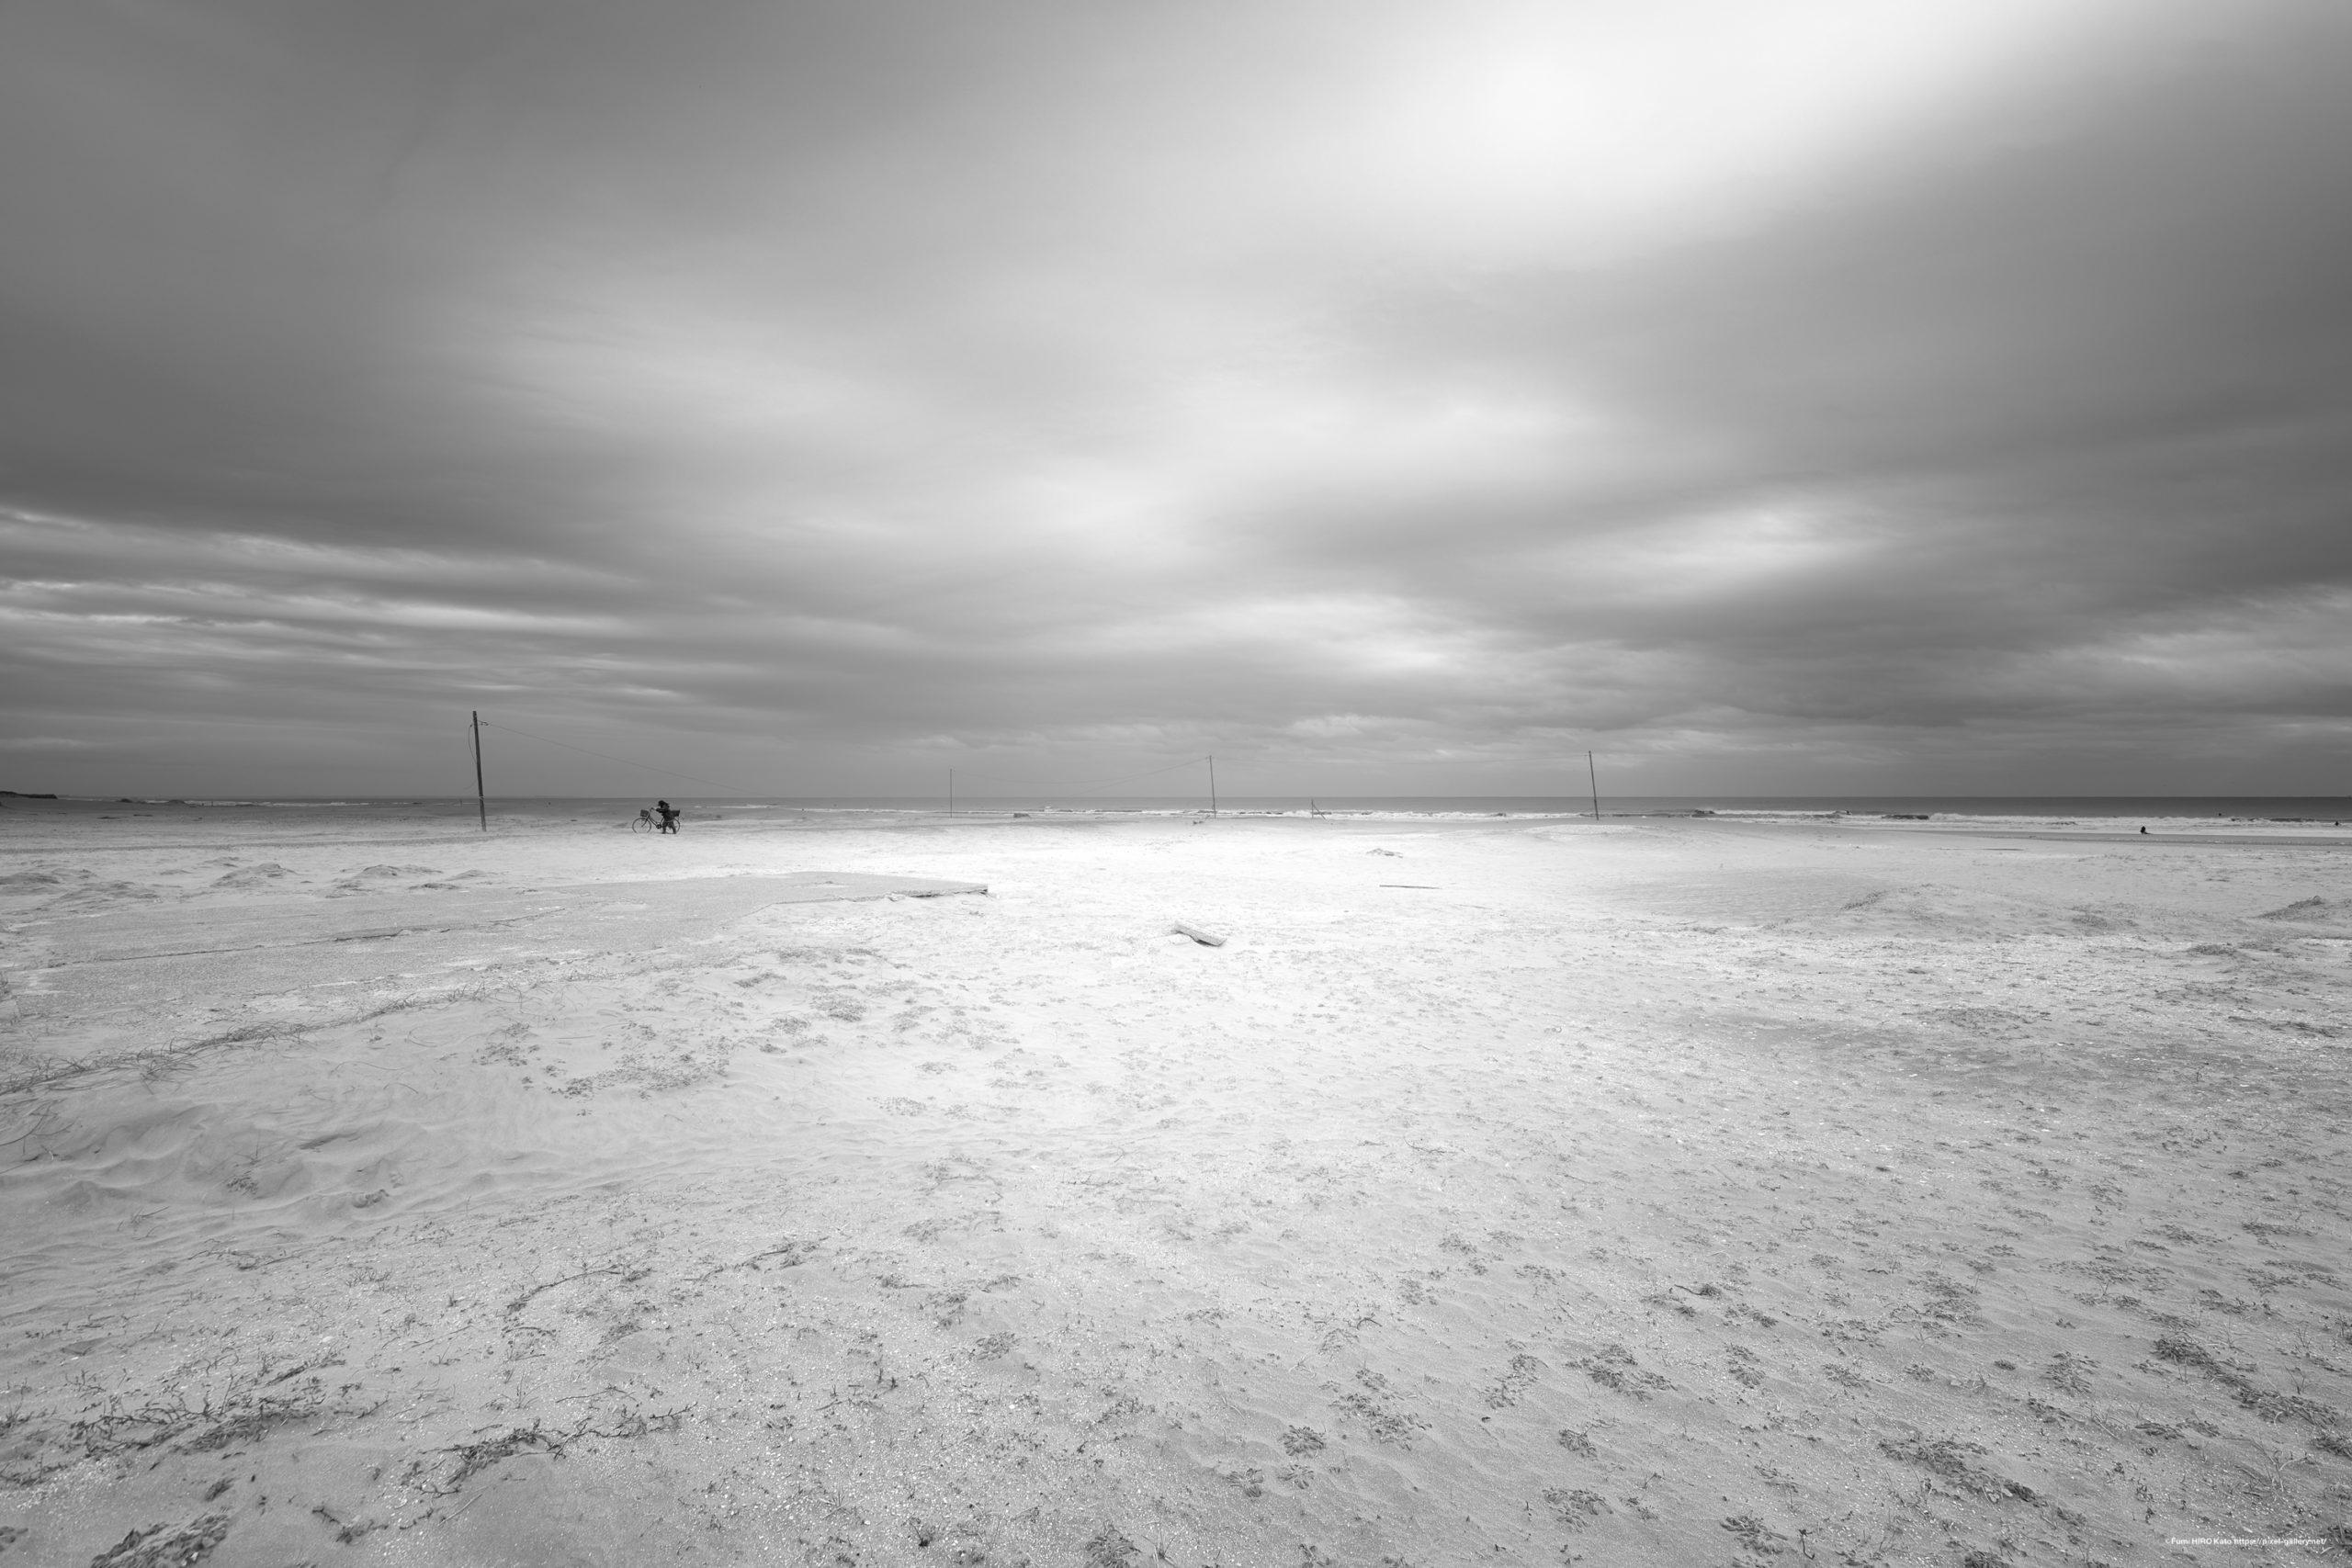 惑星と文明 19-031 時間は砂となって降り積もる